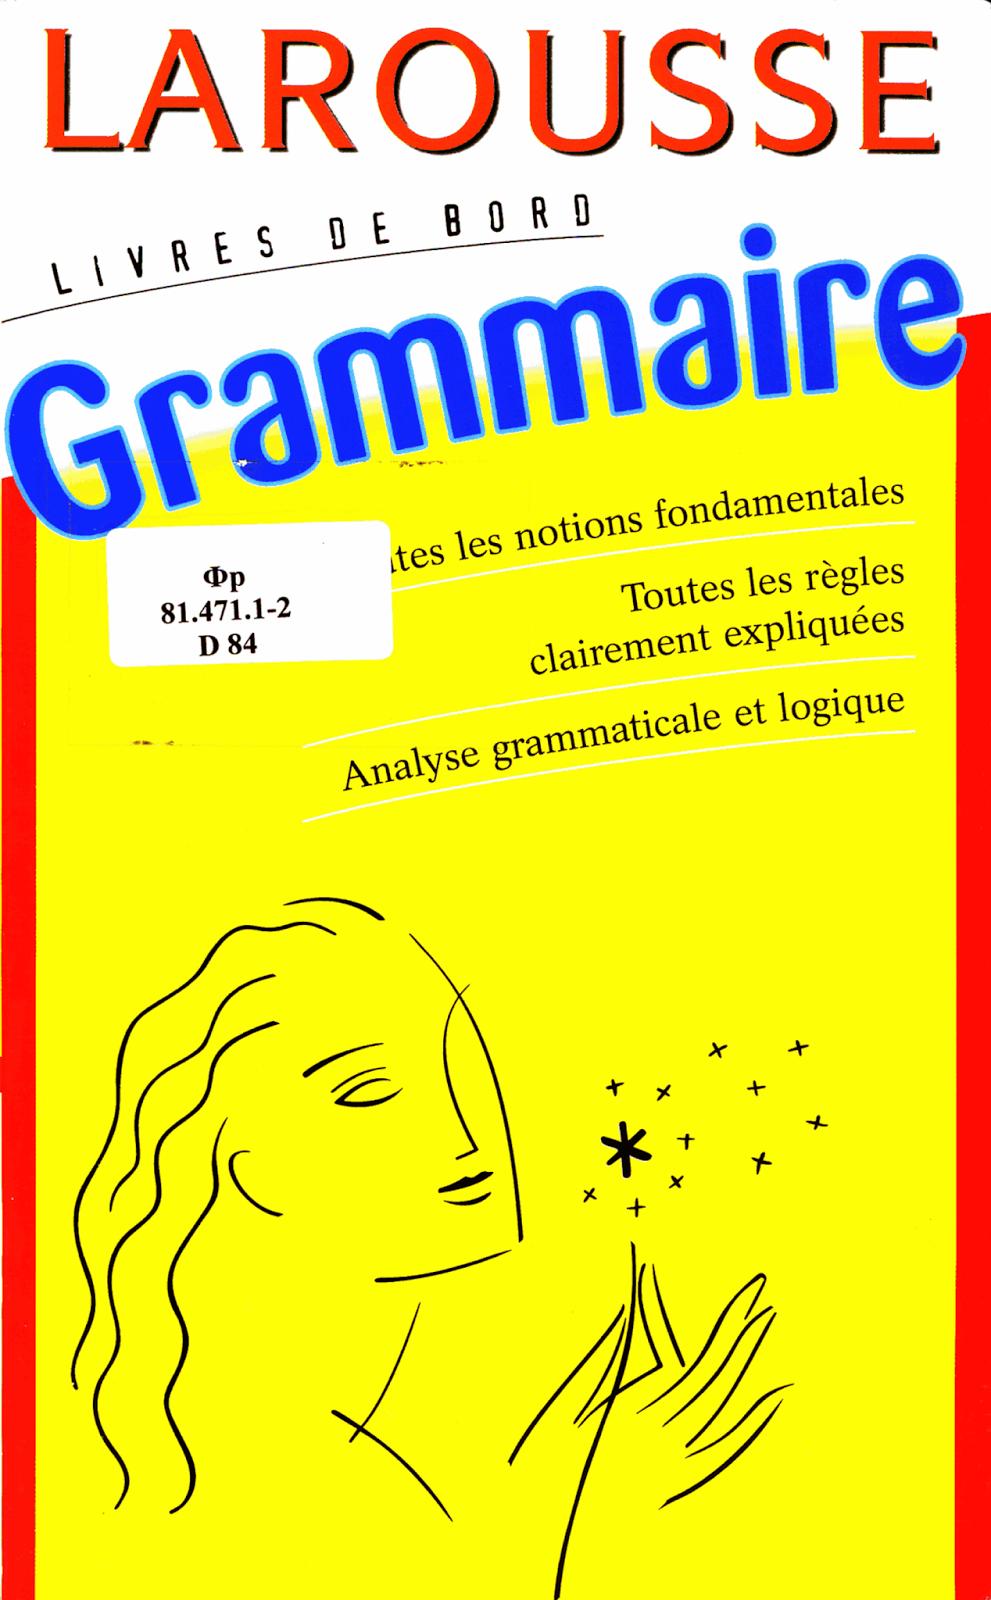 Grammaire Larousse Livre De Bord Pdf Gratuit